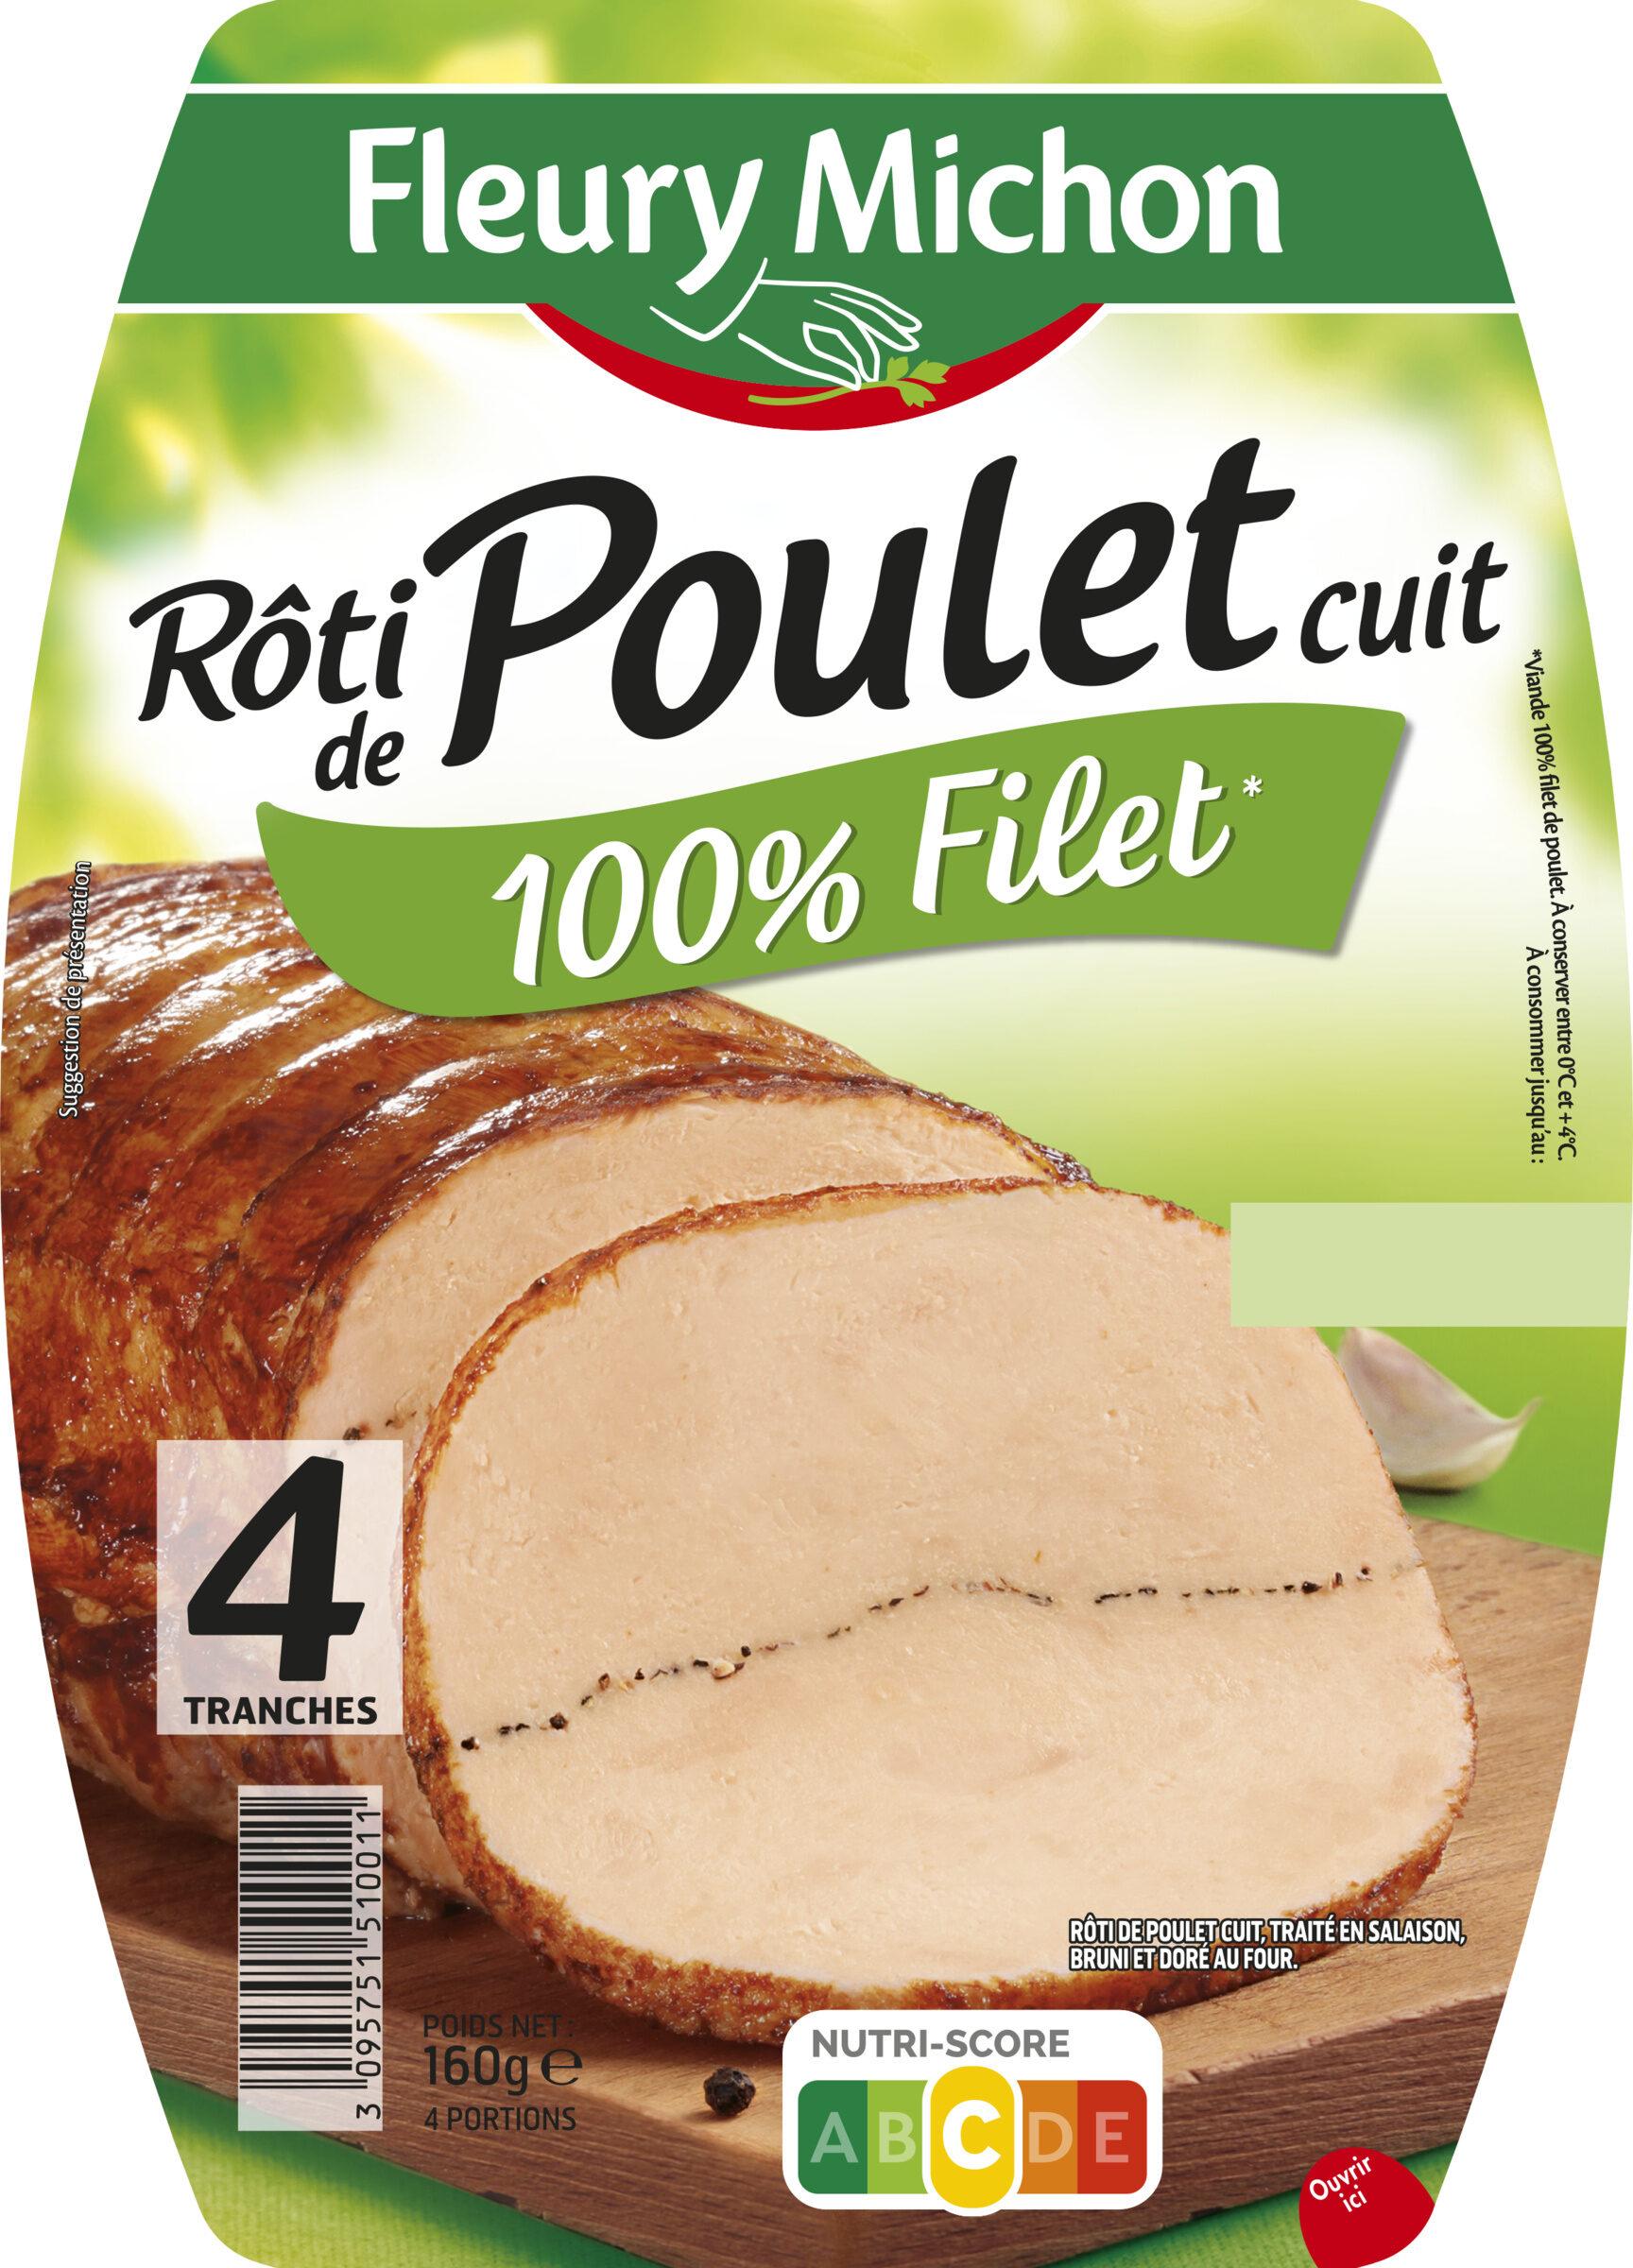 Rôti de poulet cuit 100% filet* - 4 tranches - Produit - fr